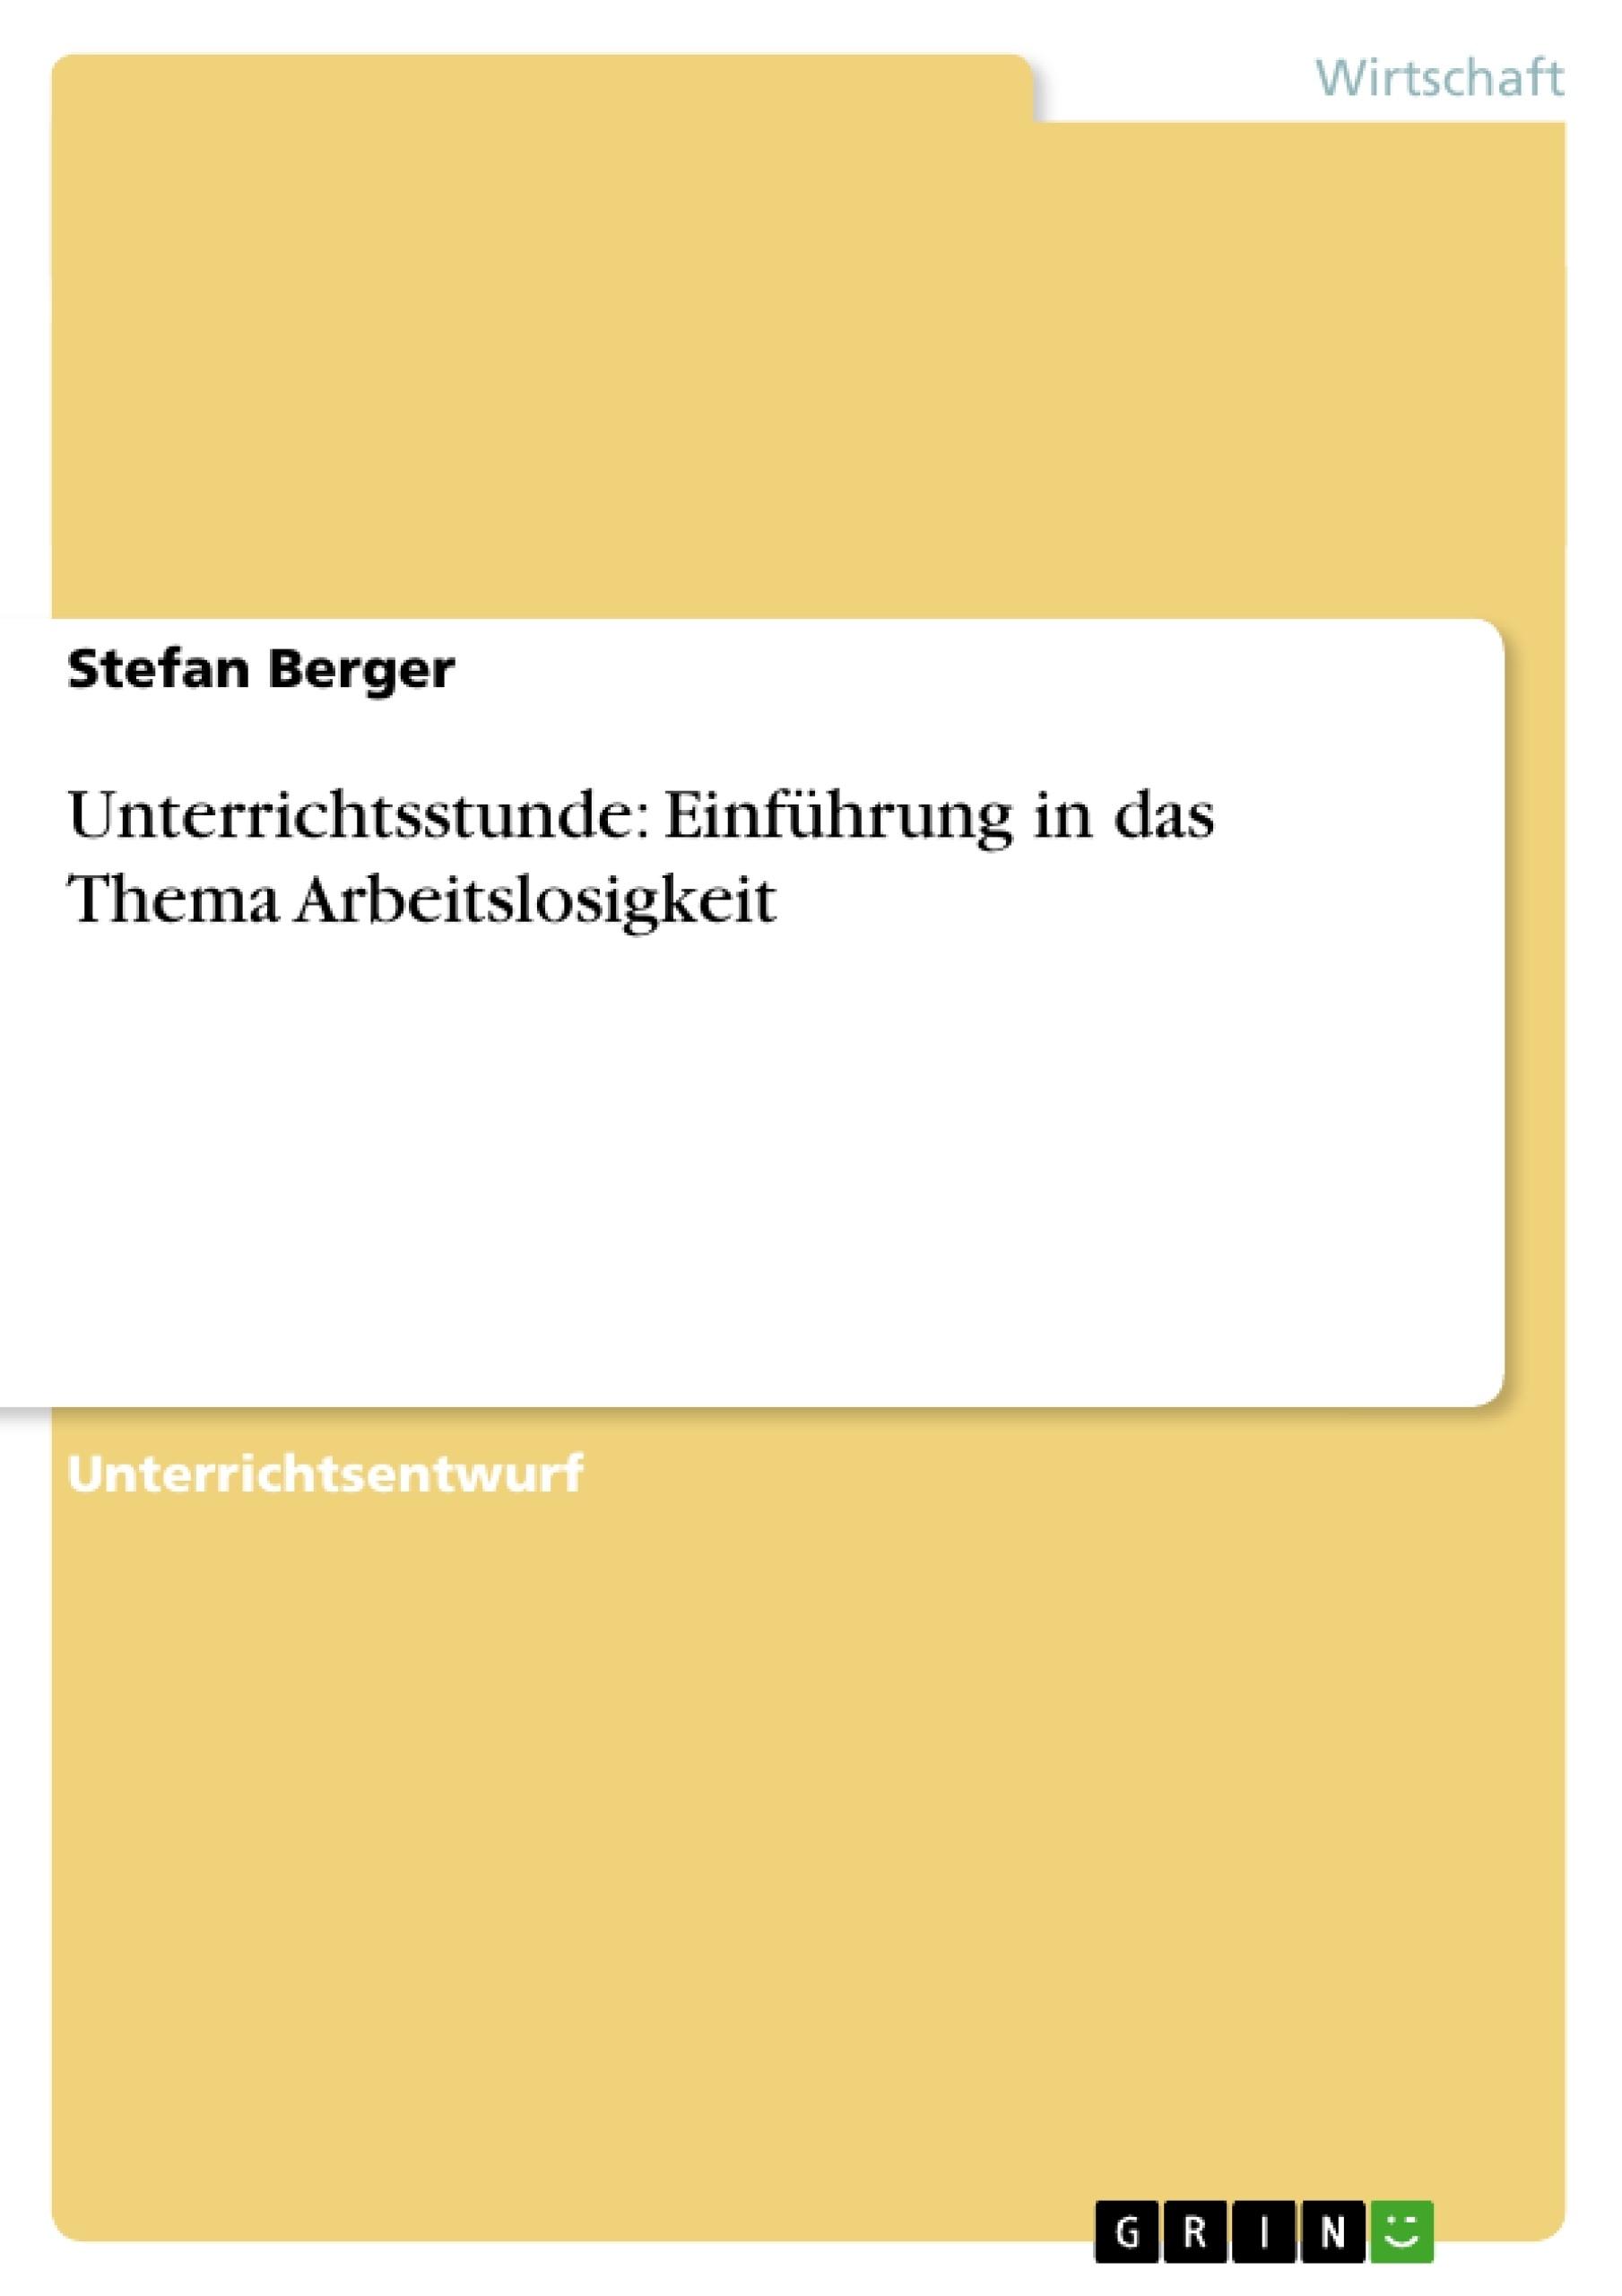 Titel: Unterrichtsstunde: Einführung in das Thema Arbeitslosigkeit